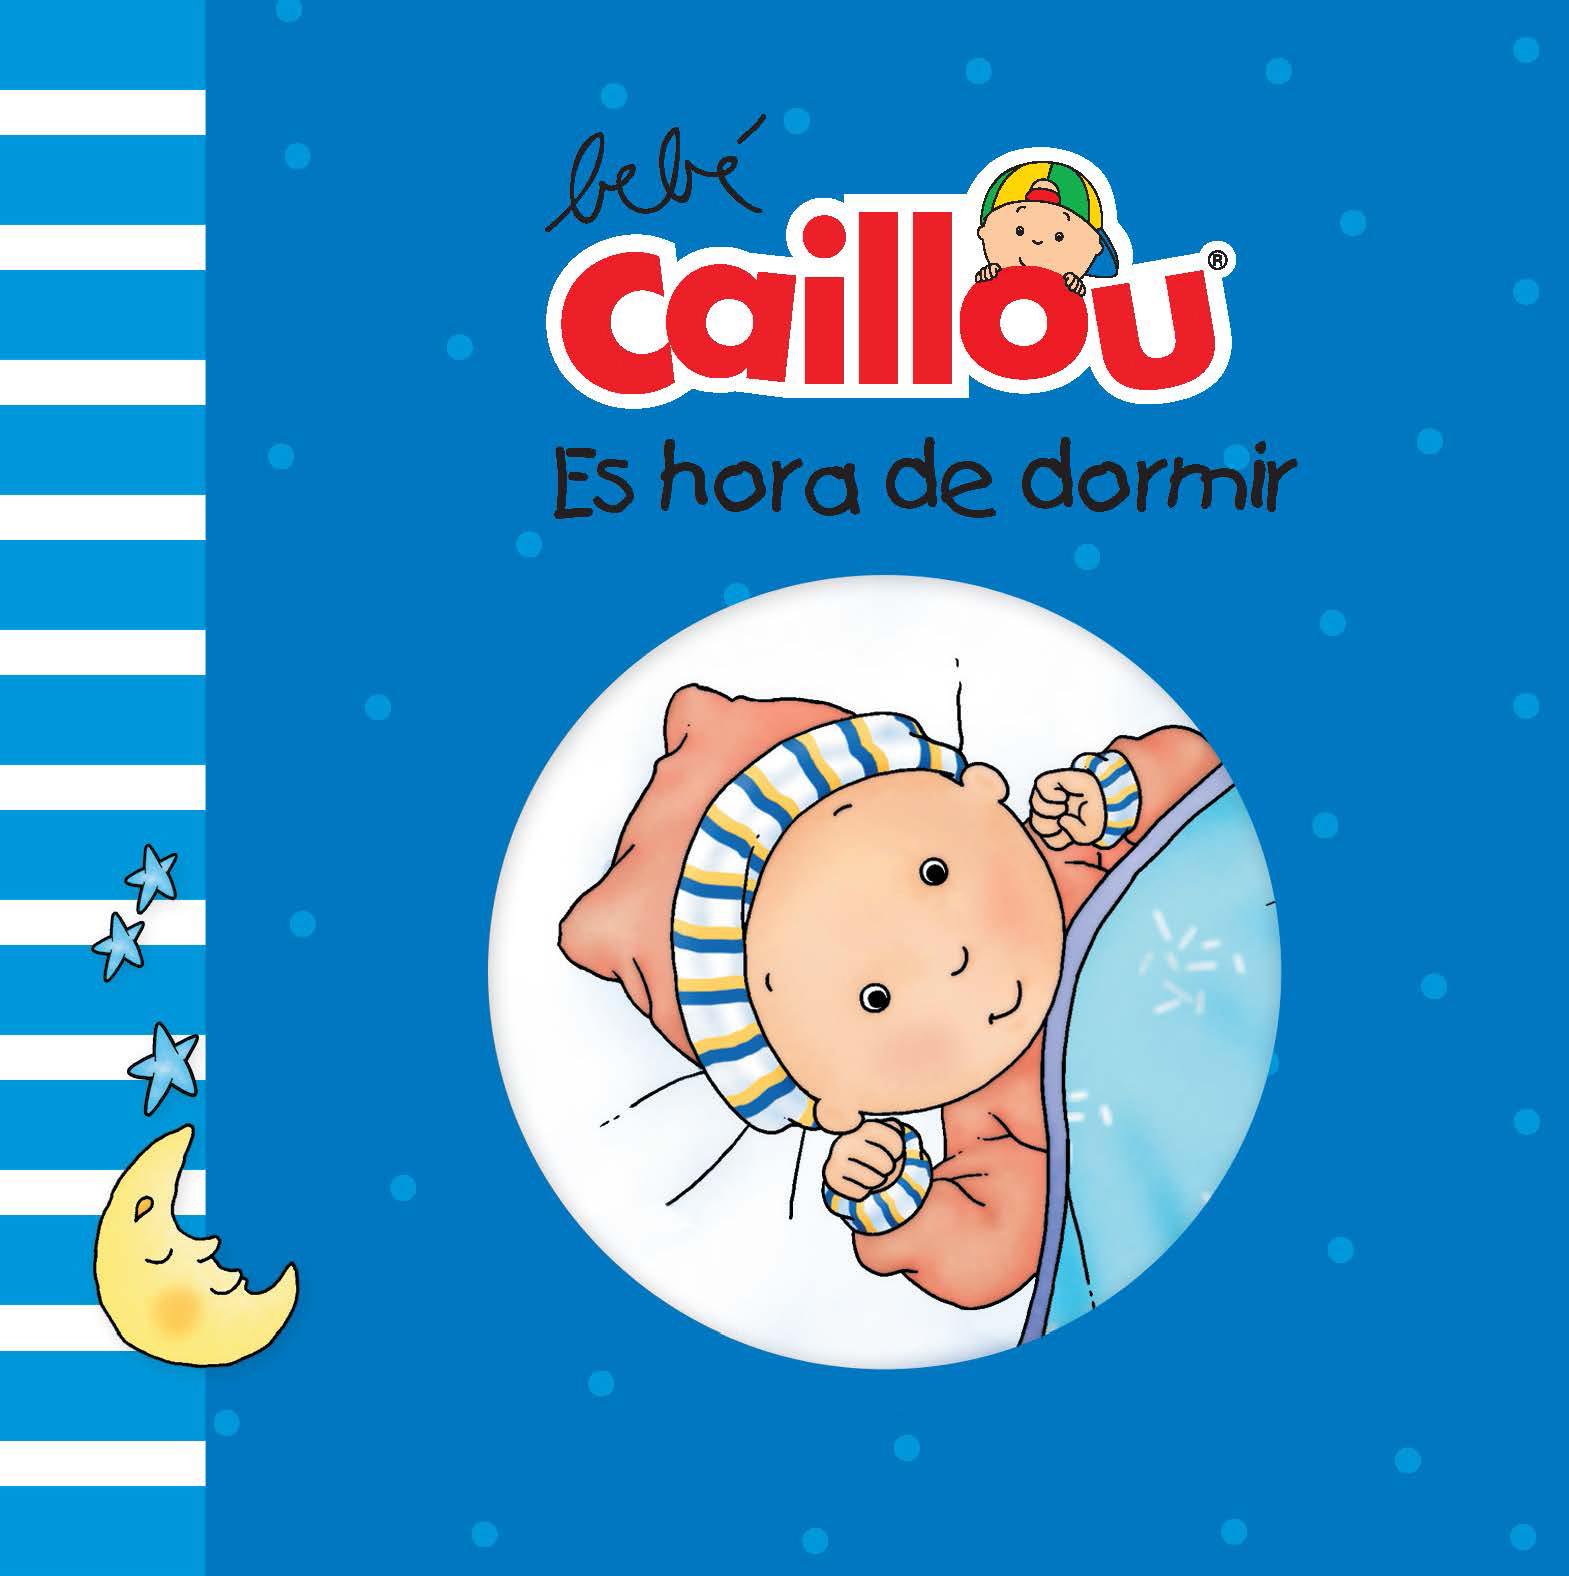 Bebé Caillou: Es hora de dormir - Morin Pascale